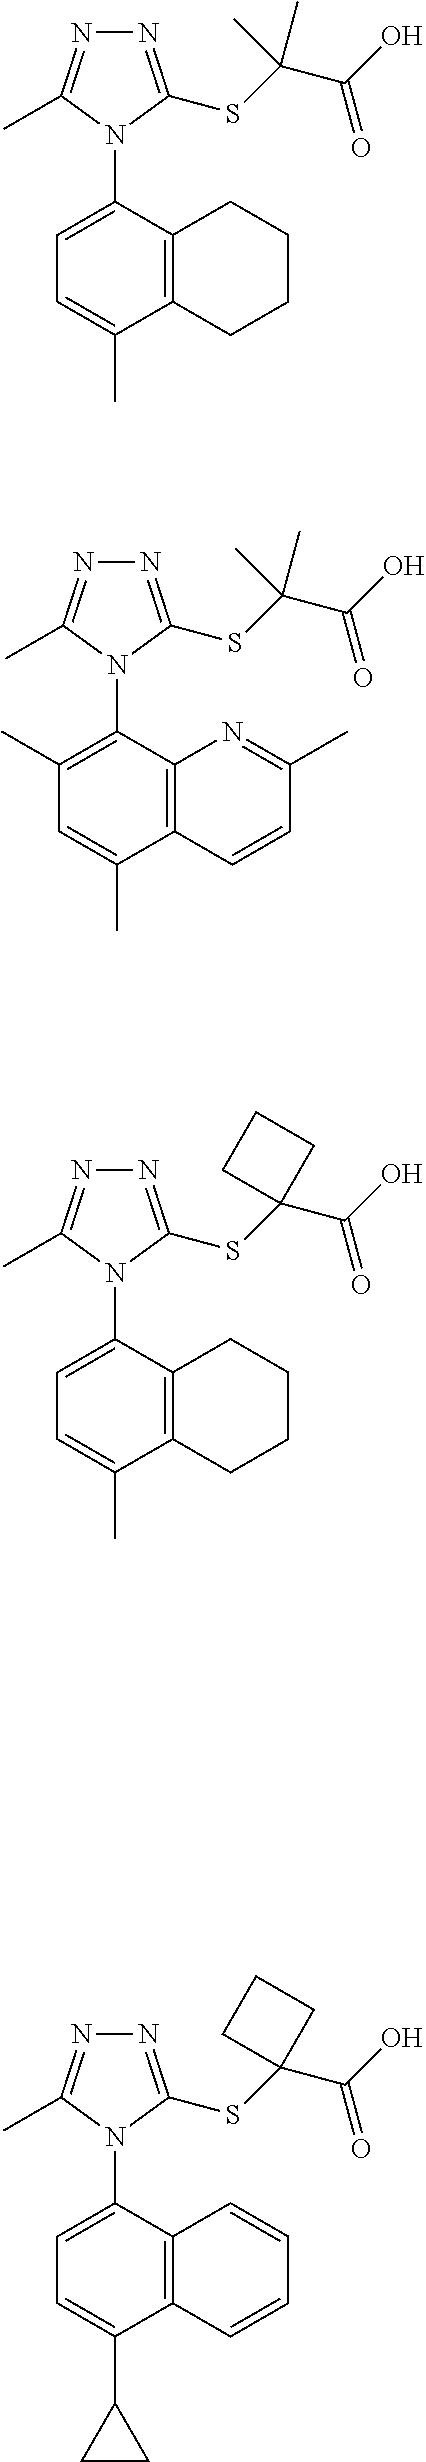 Figure US08283369-20121009-C00040